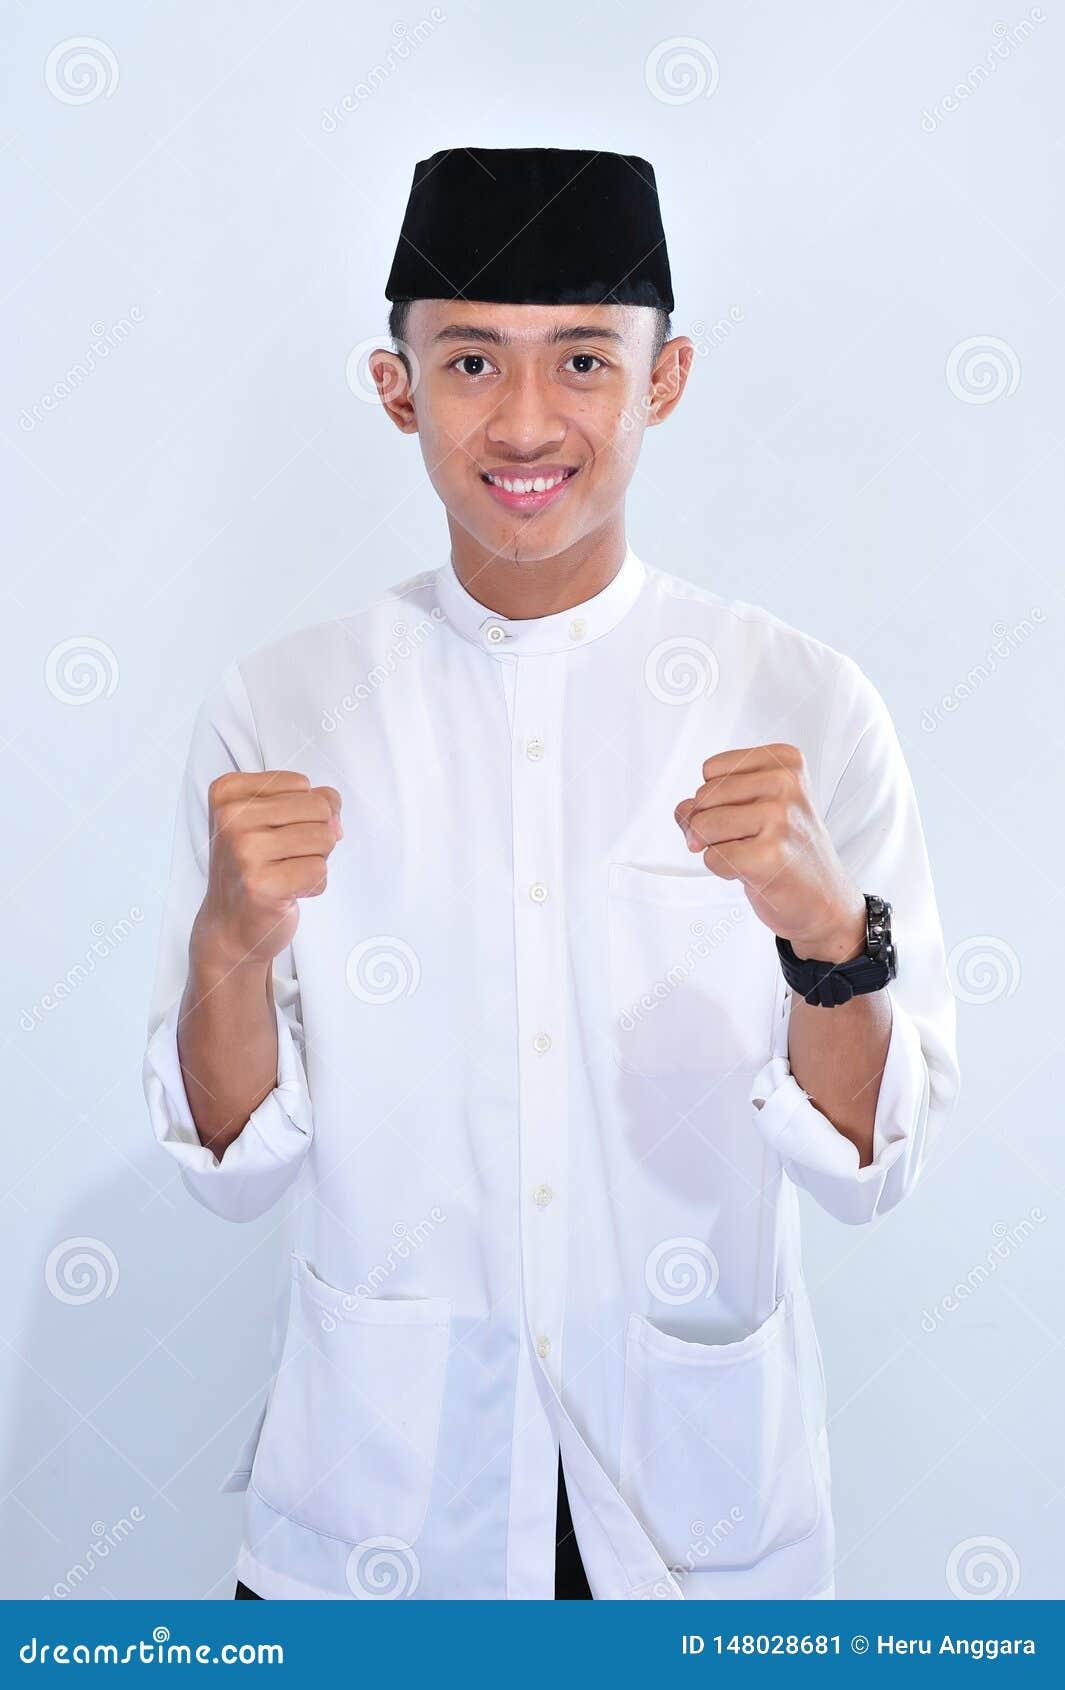 Retrato de la sonrisa musulmán asiática hermosa joven del hombre para disfrutar del eid Mubarak